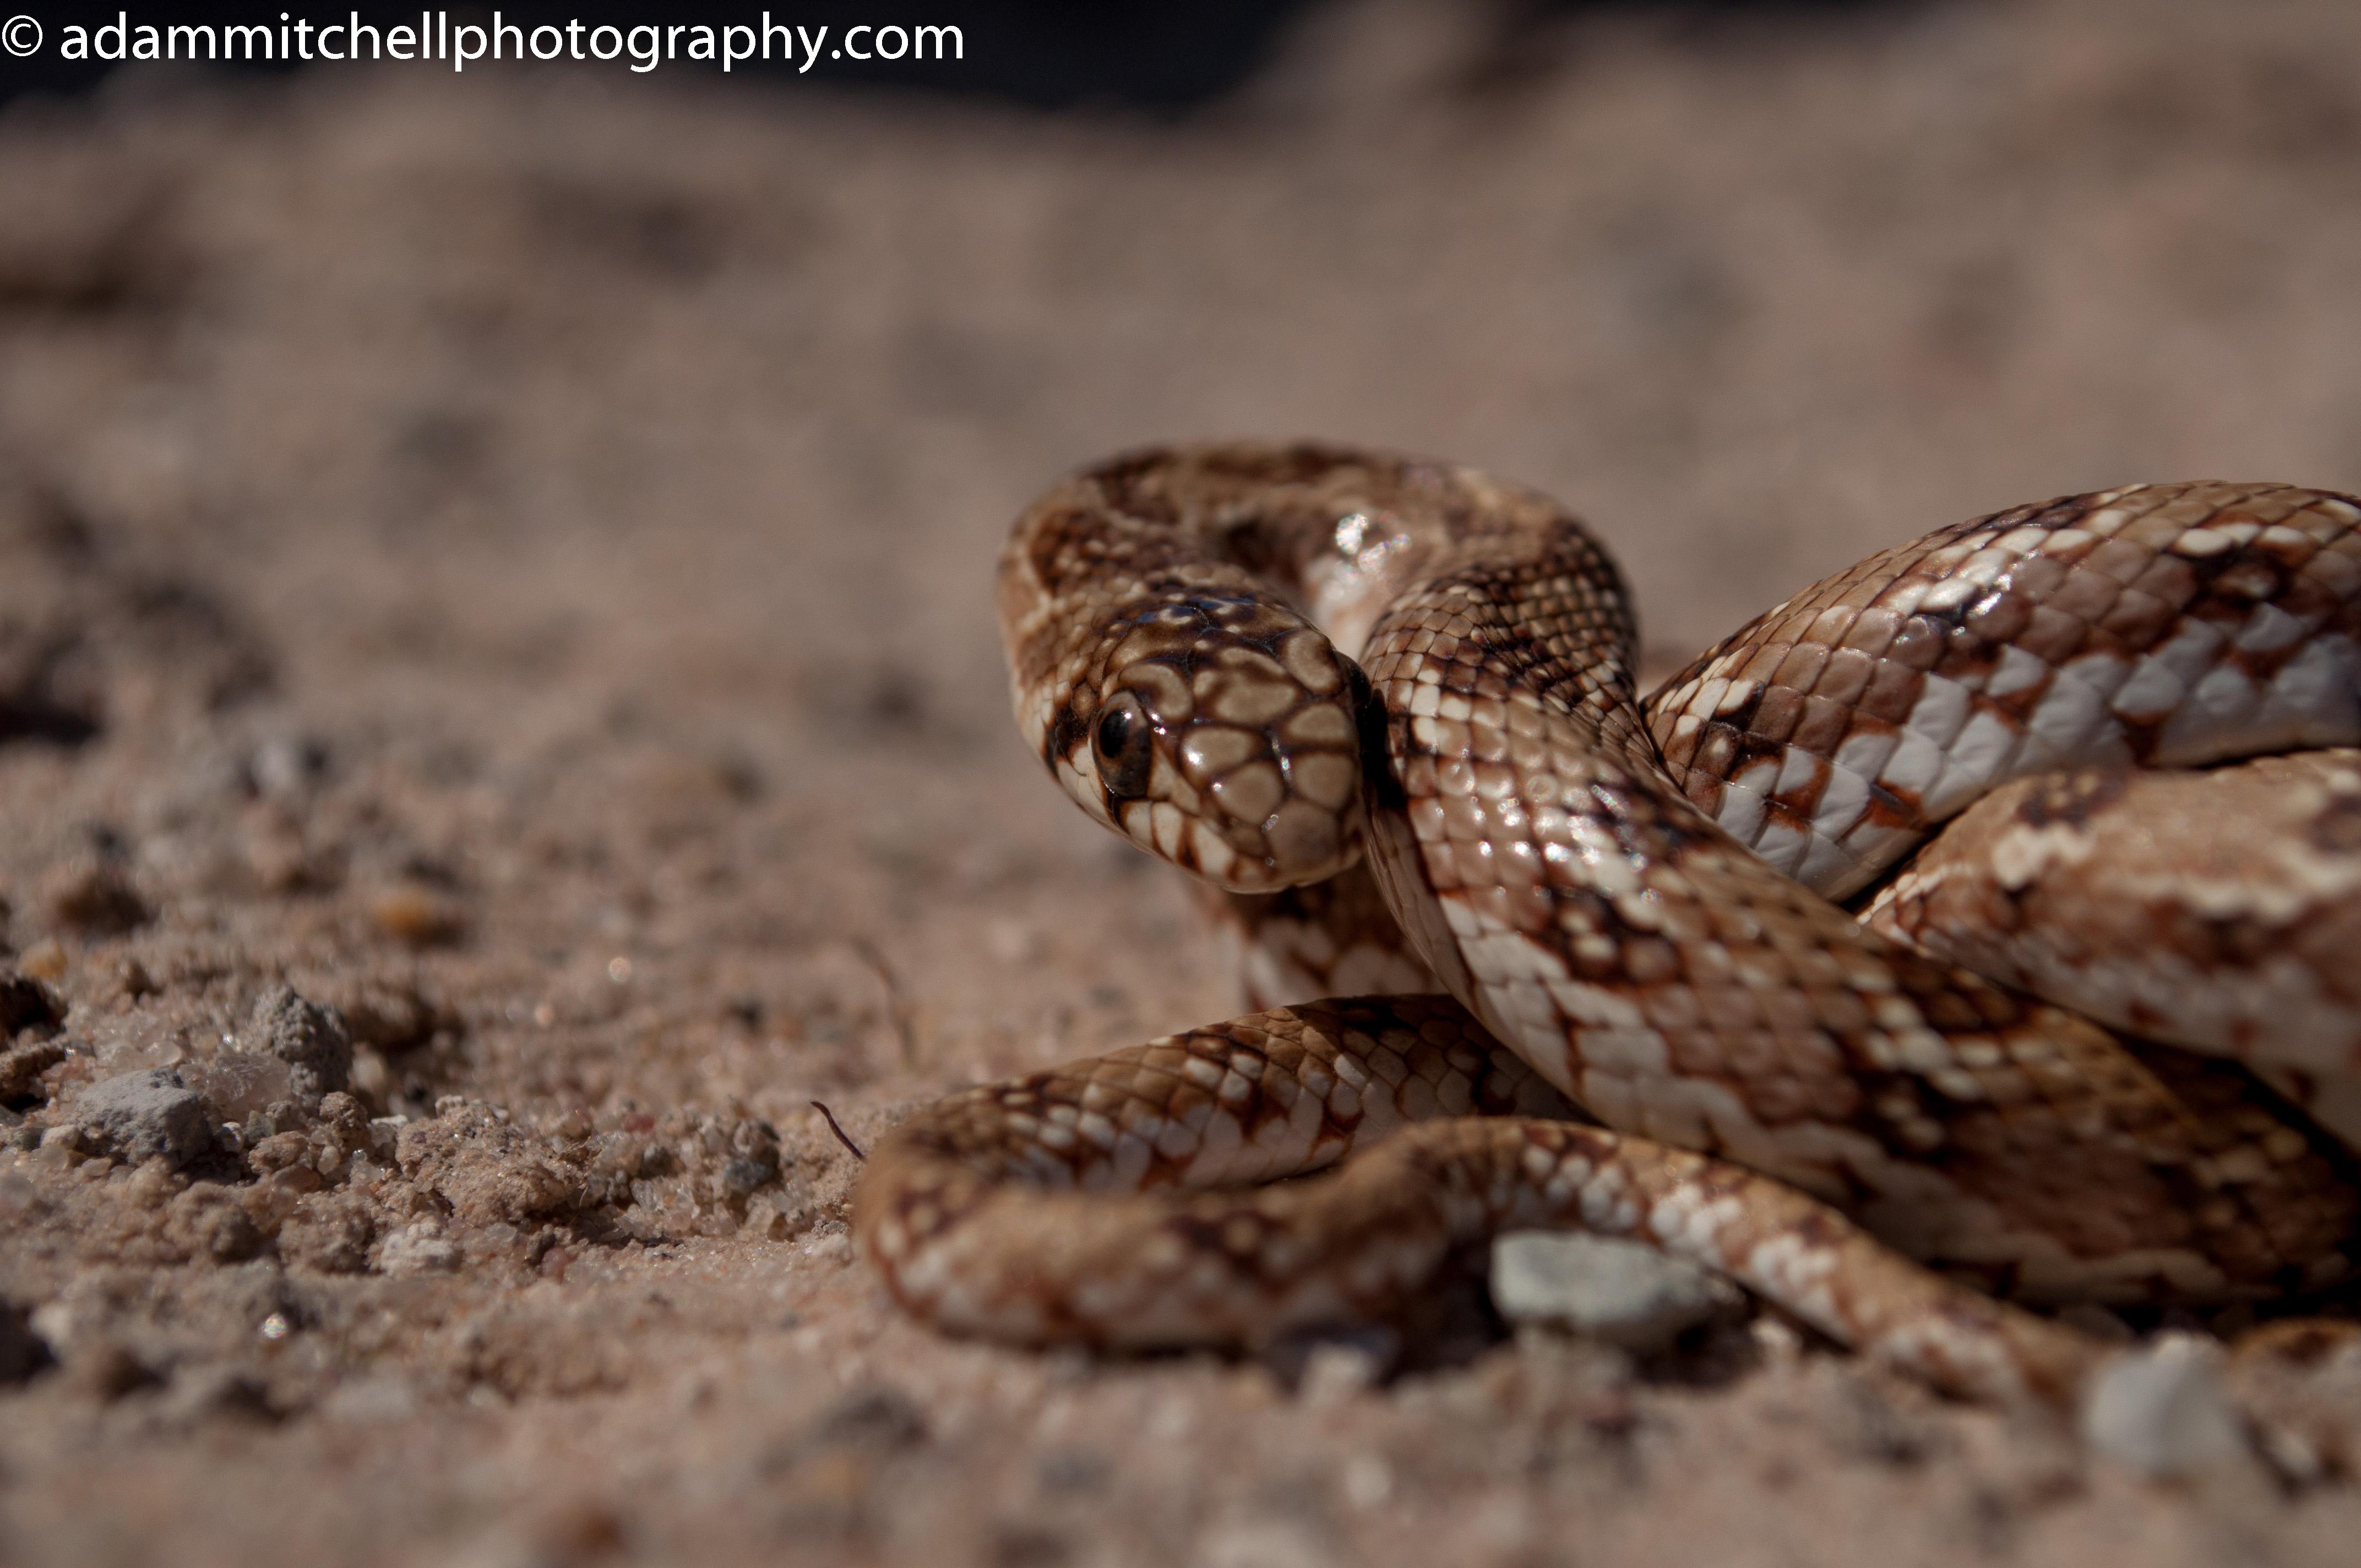 Dwarf beaked snake